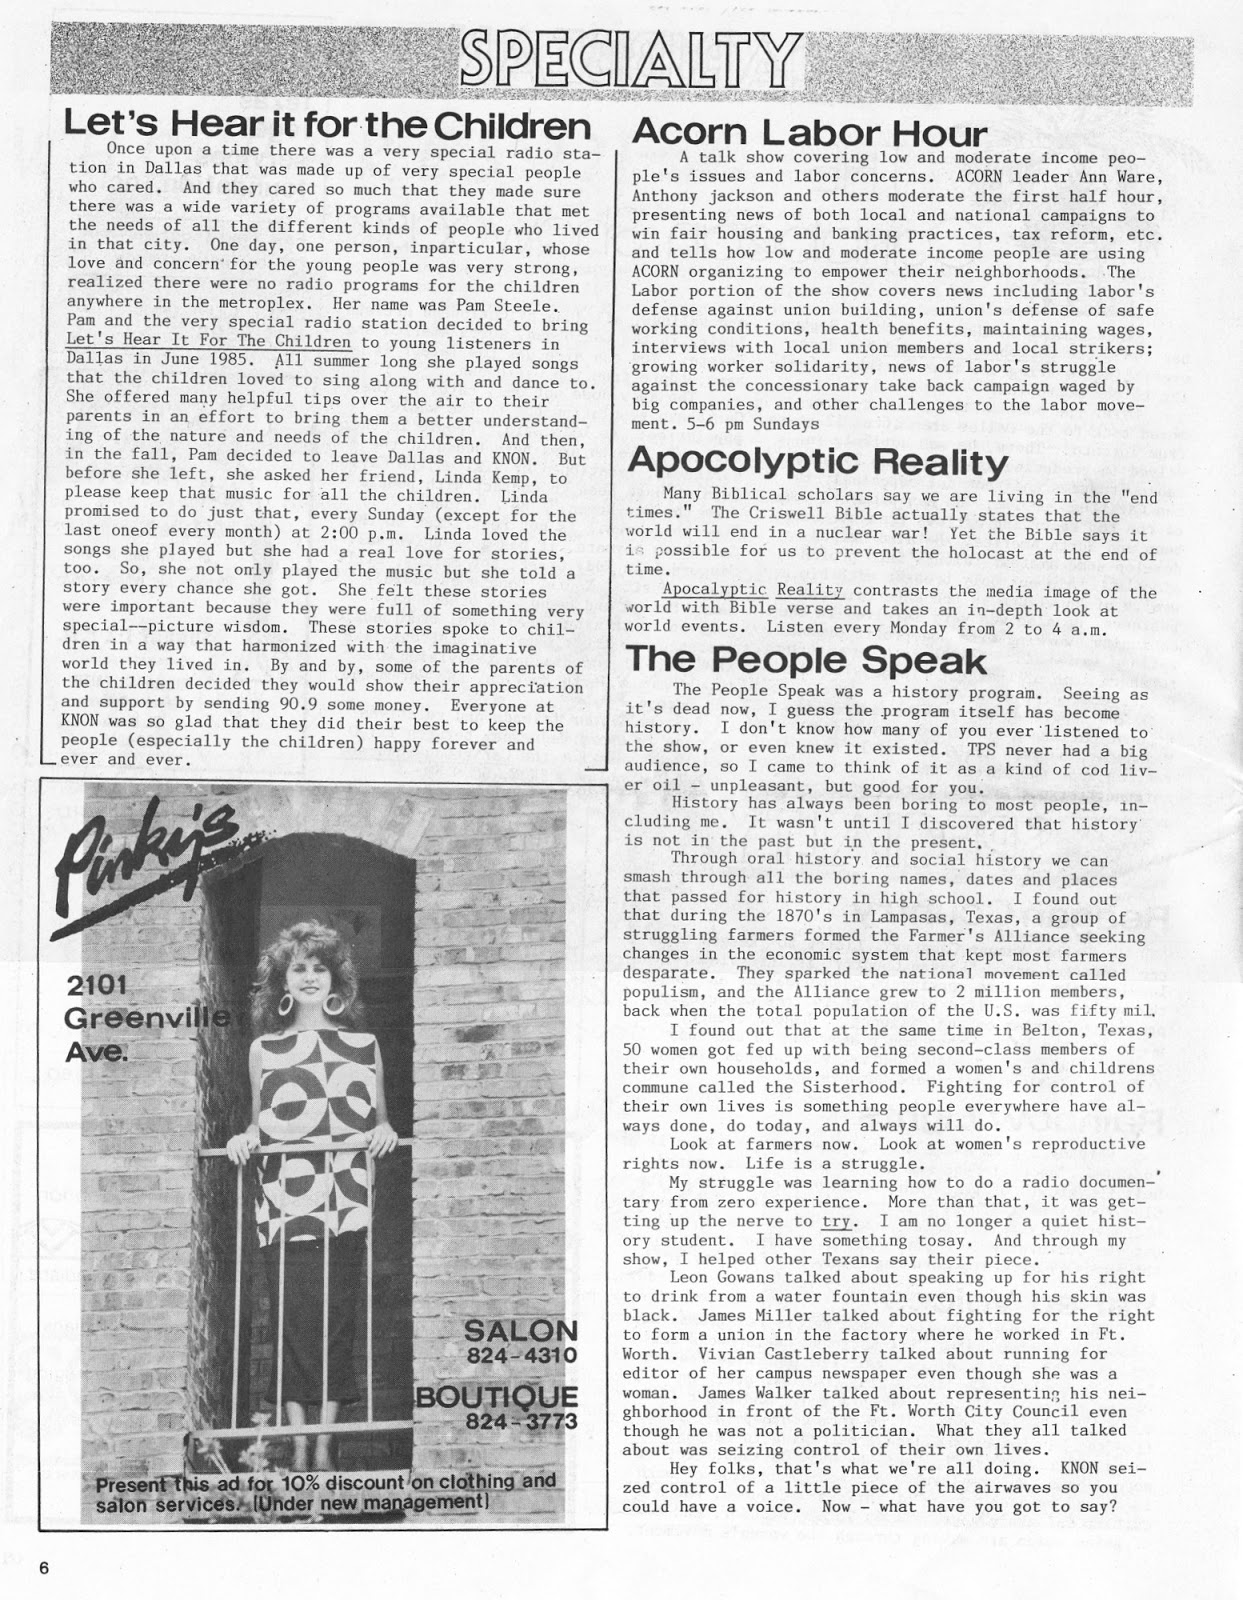 scrapbook-1986-issue-3-p06